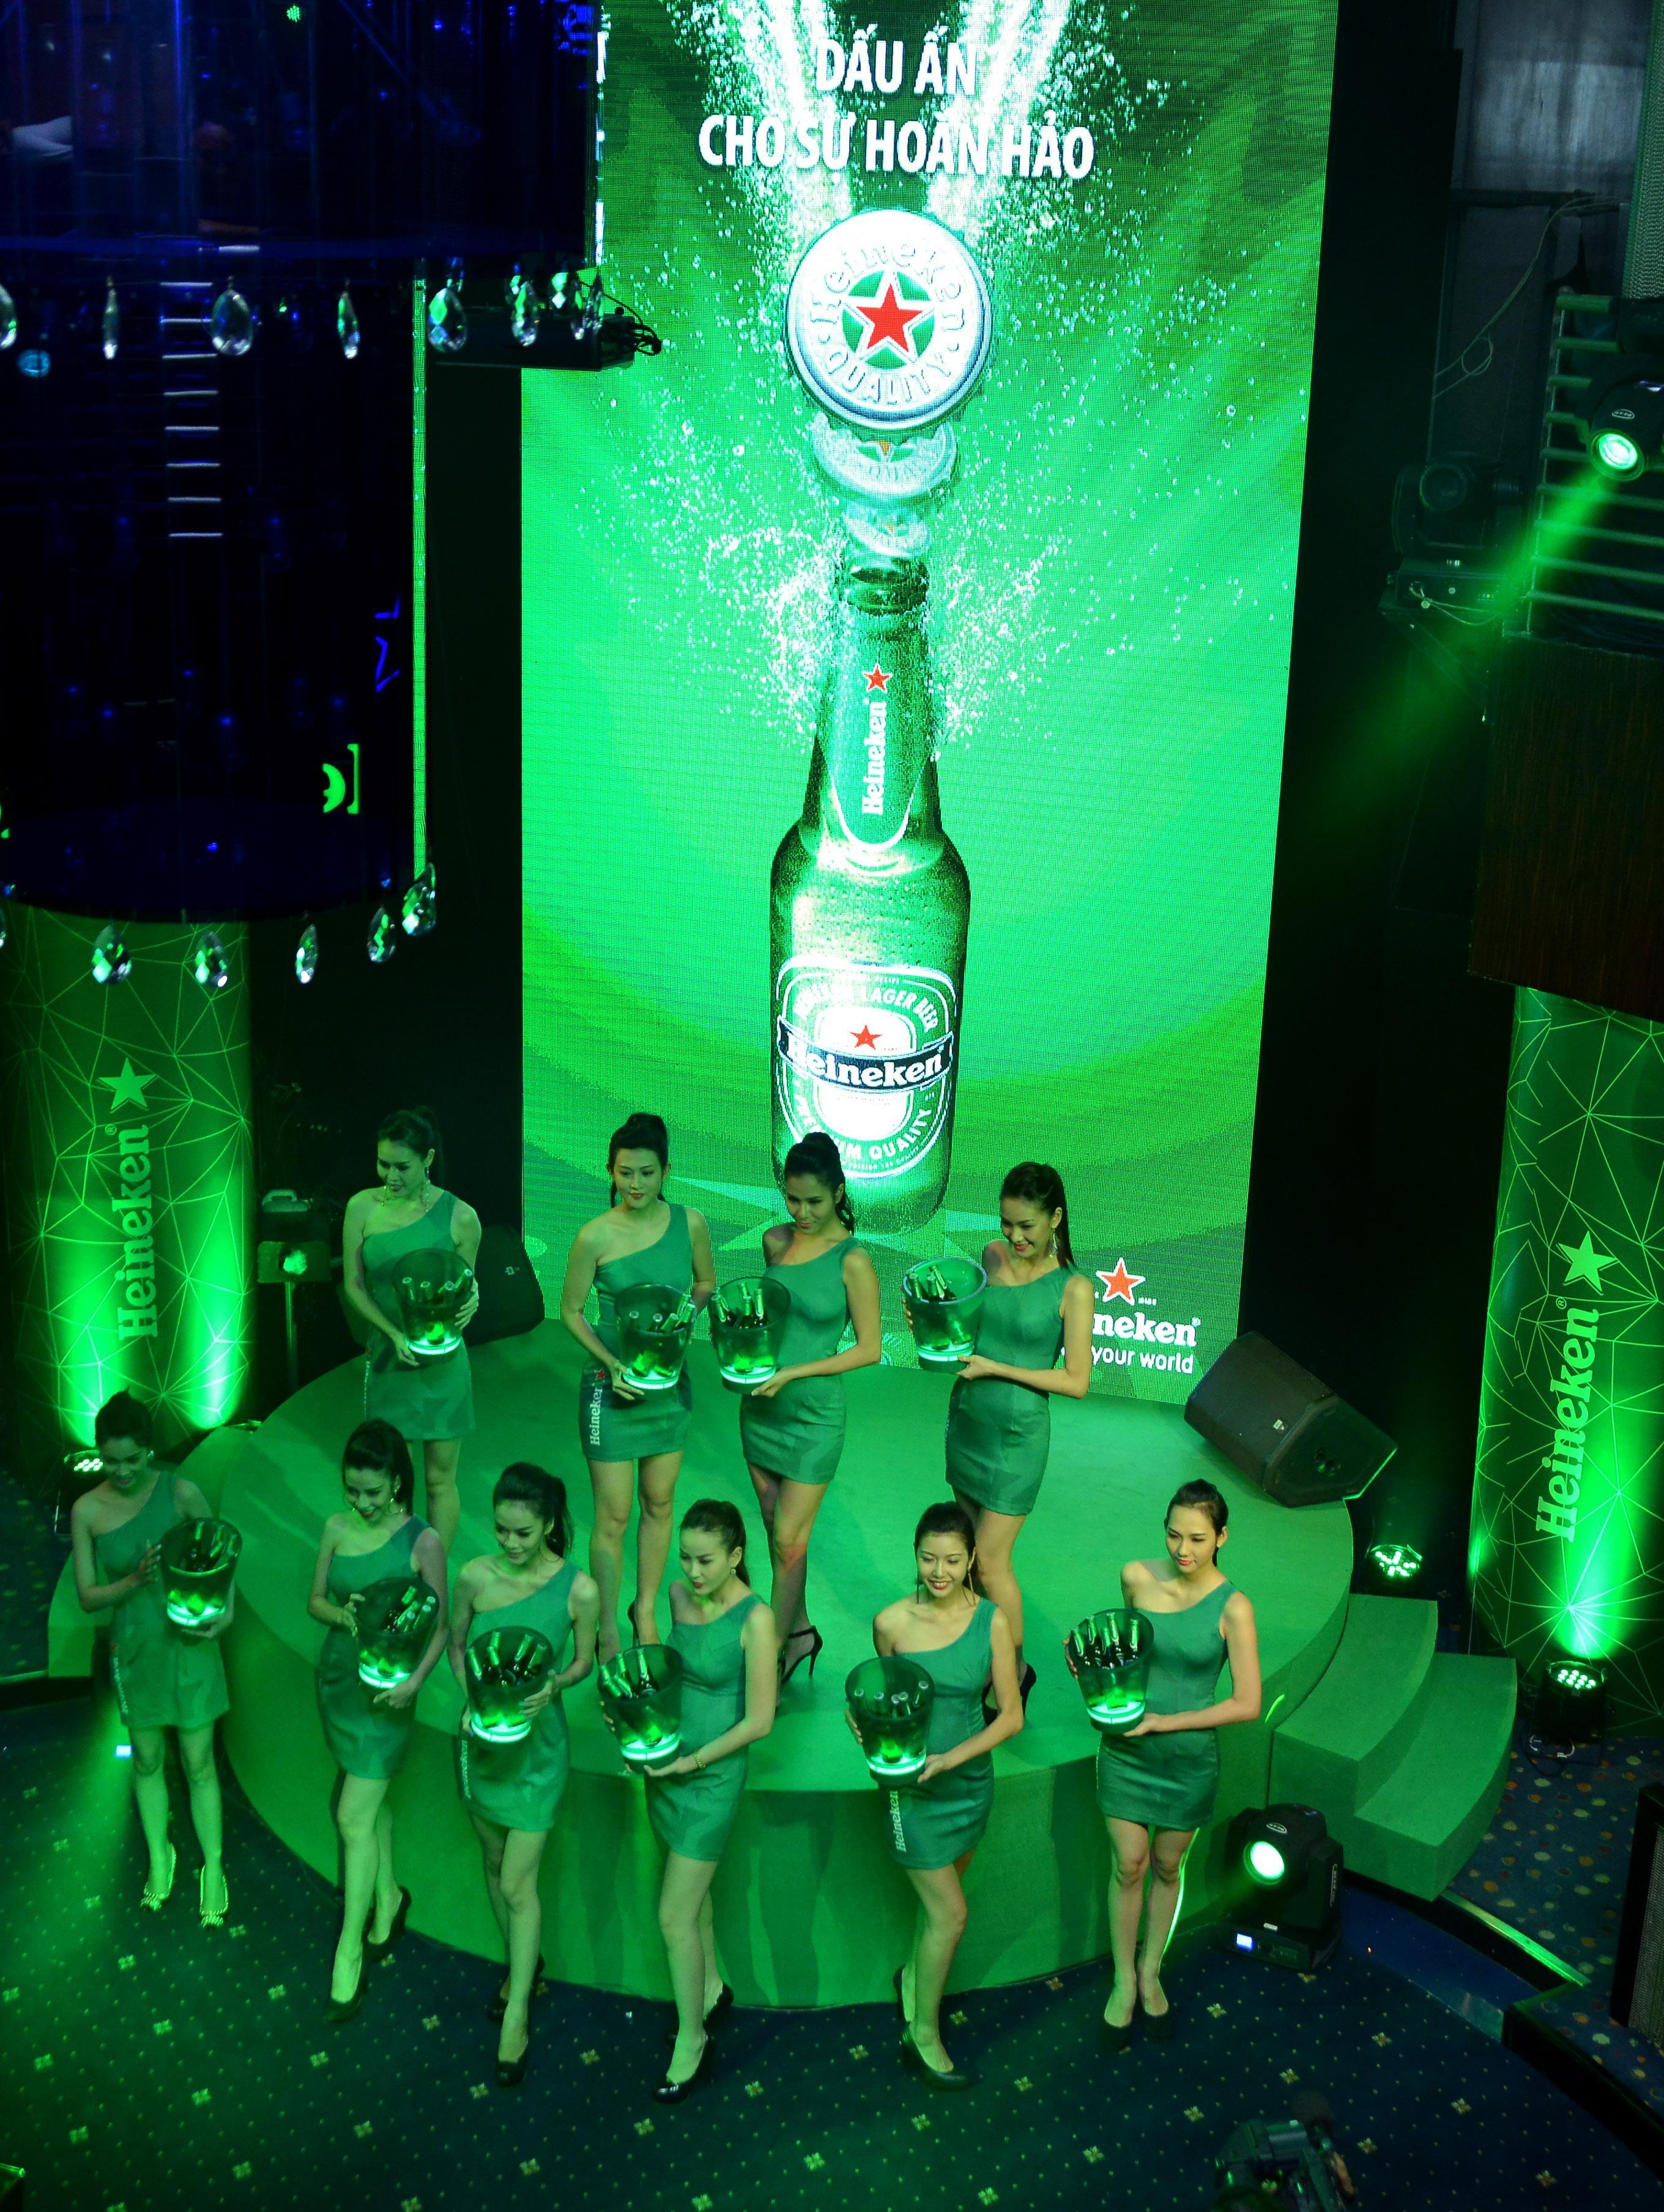 """Diện mạo mới của Heineken chính là """"Dấu ấn cho sự hoàn hảo"""""""